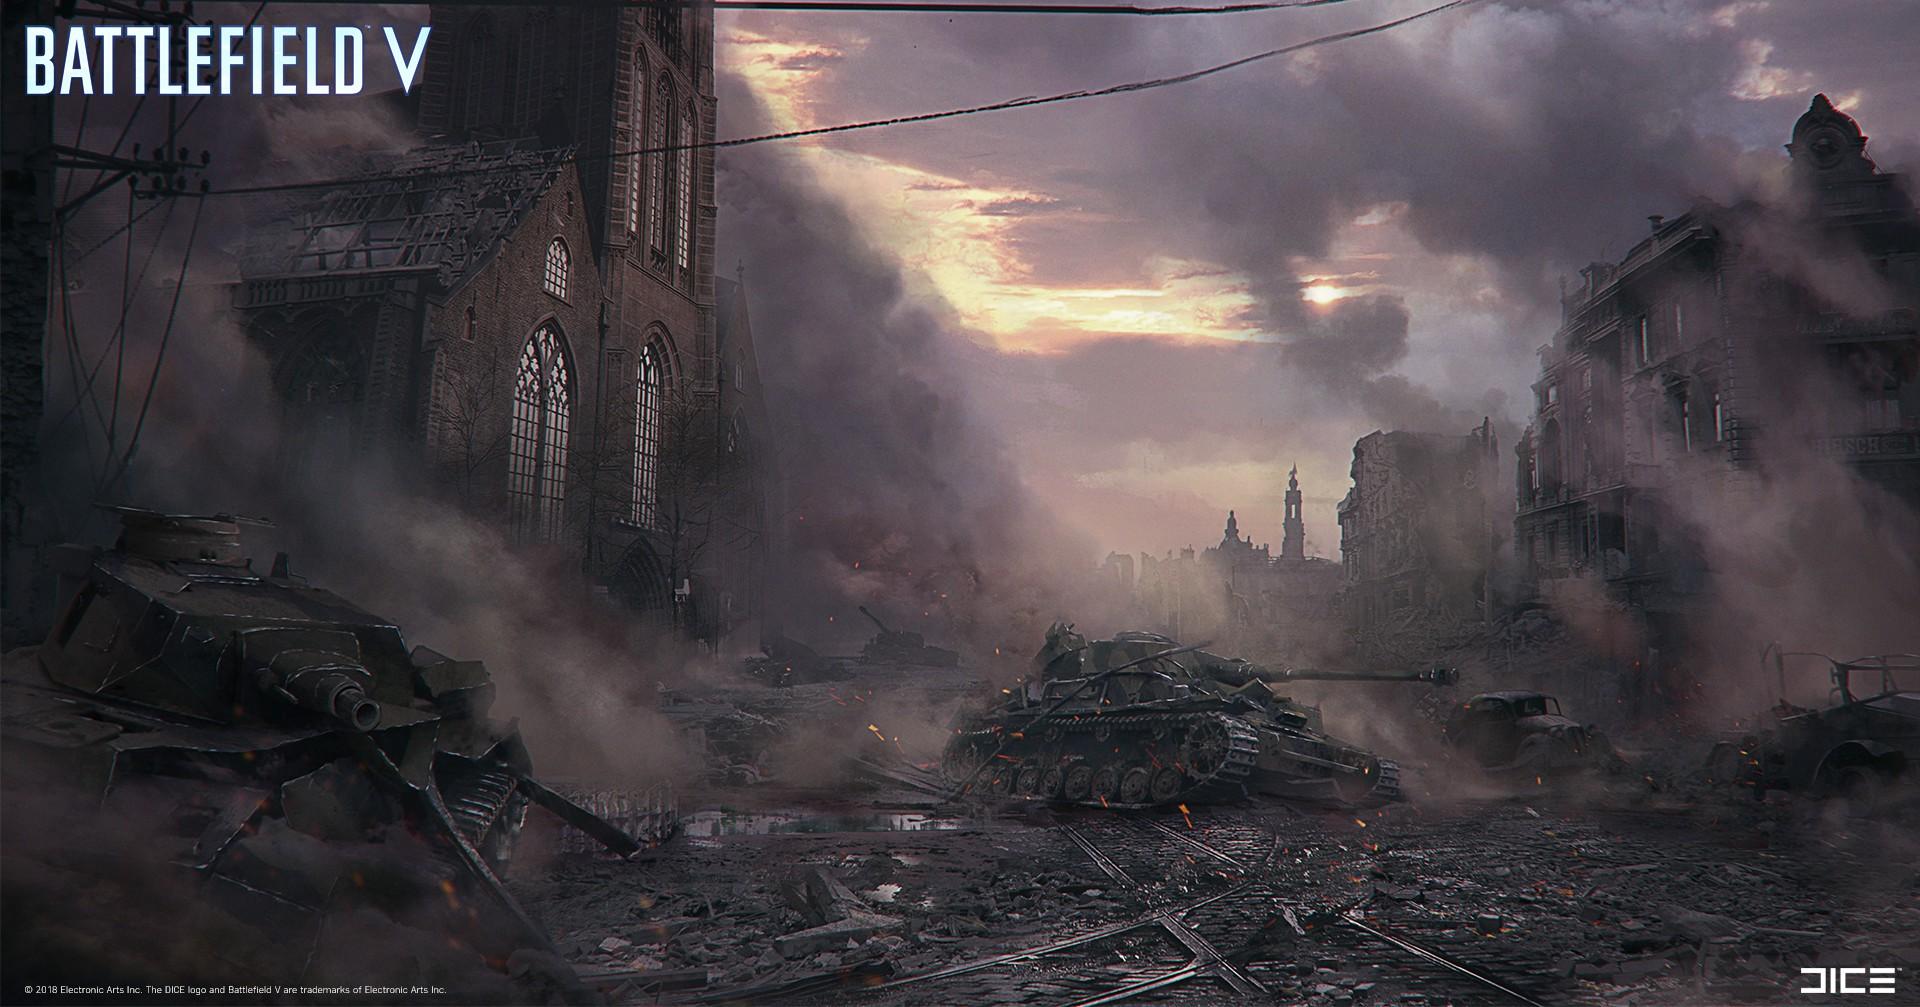 《战地5》精美原画合集欣赏 战火连天满目疮痍!